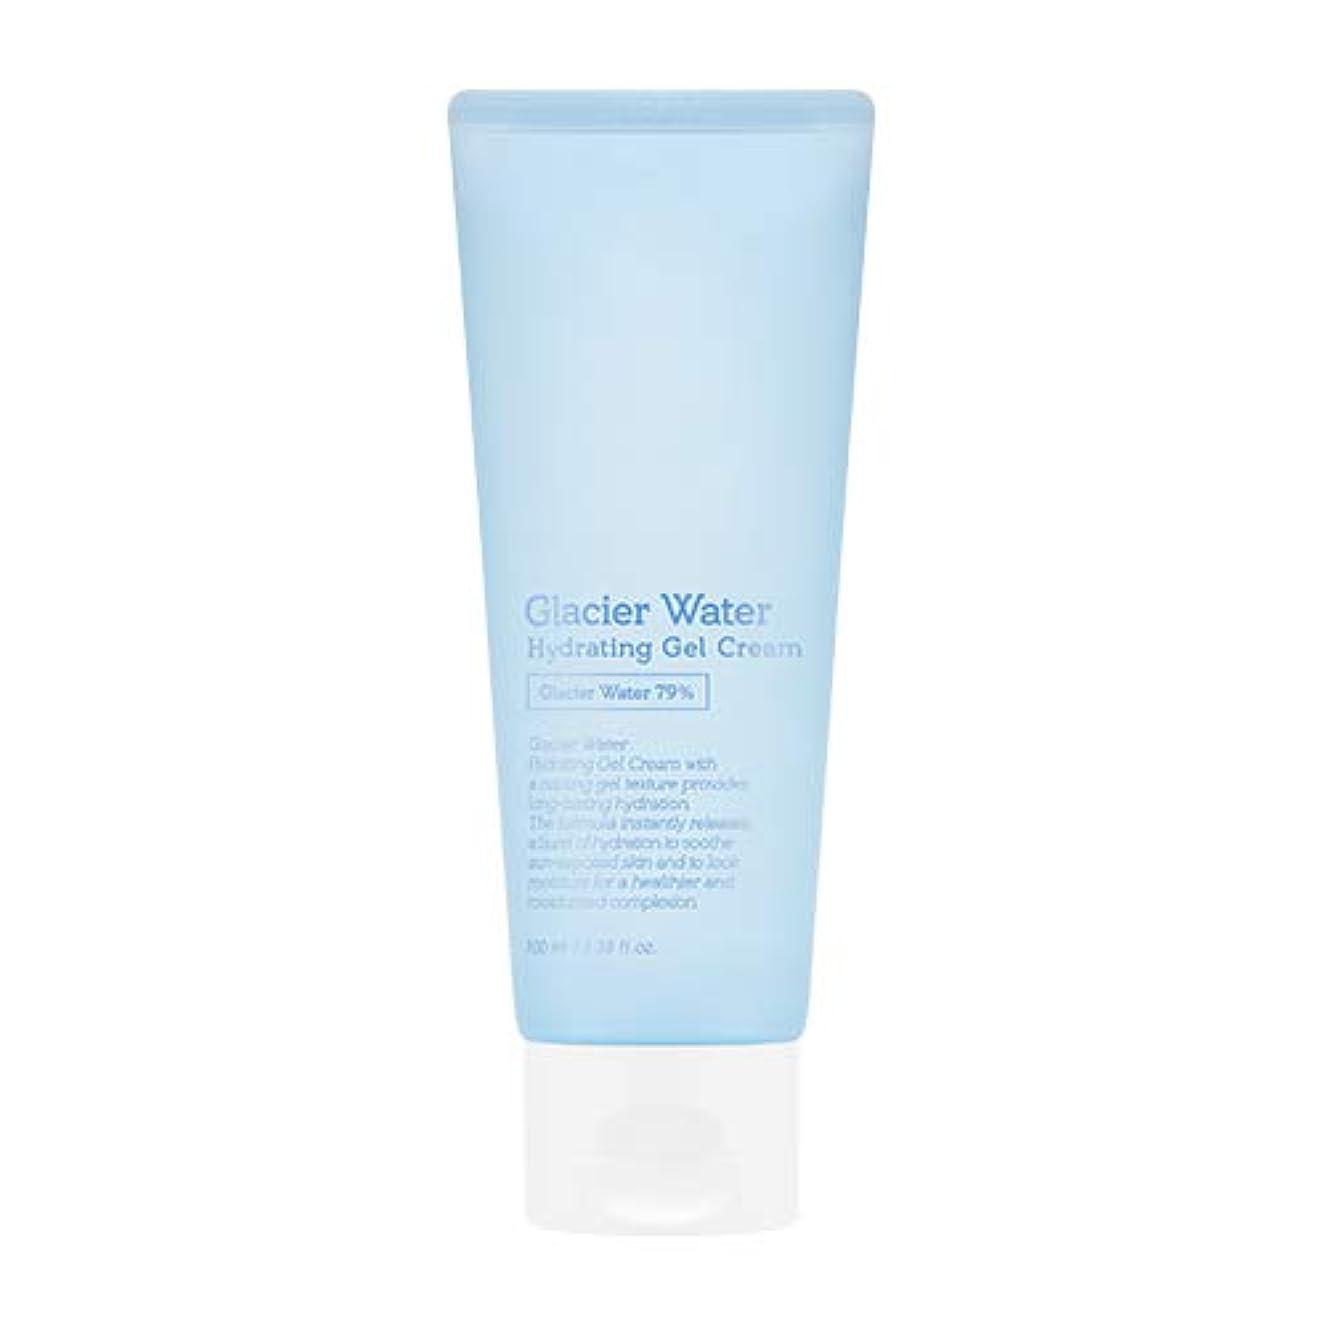 グリーンバック圧縮する土曜日アピュ 氷河水 ハイドレーティングゲルクリーム [大容量] / A'PIEU Glacier Water Hydrating Gel Cream 100ml [並行輸入品]